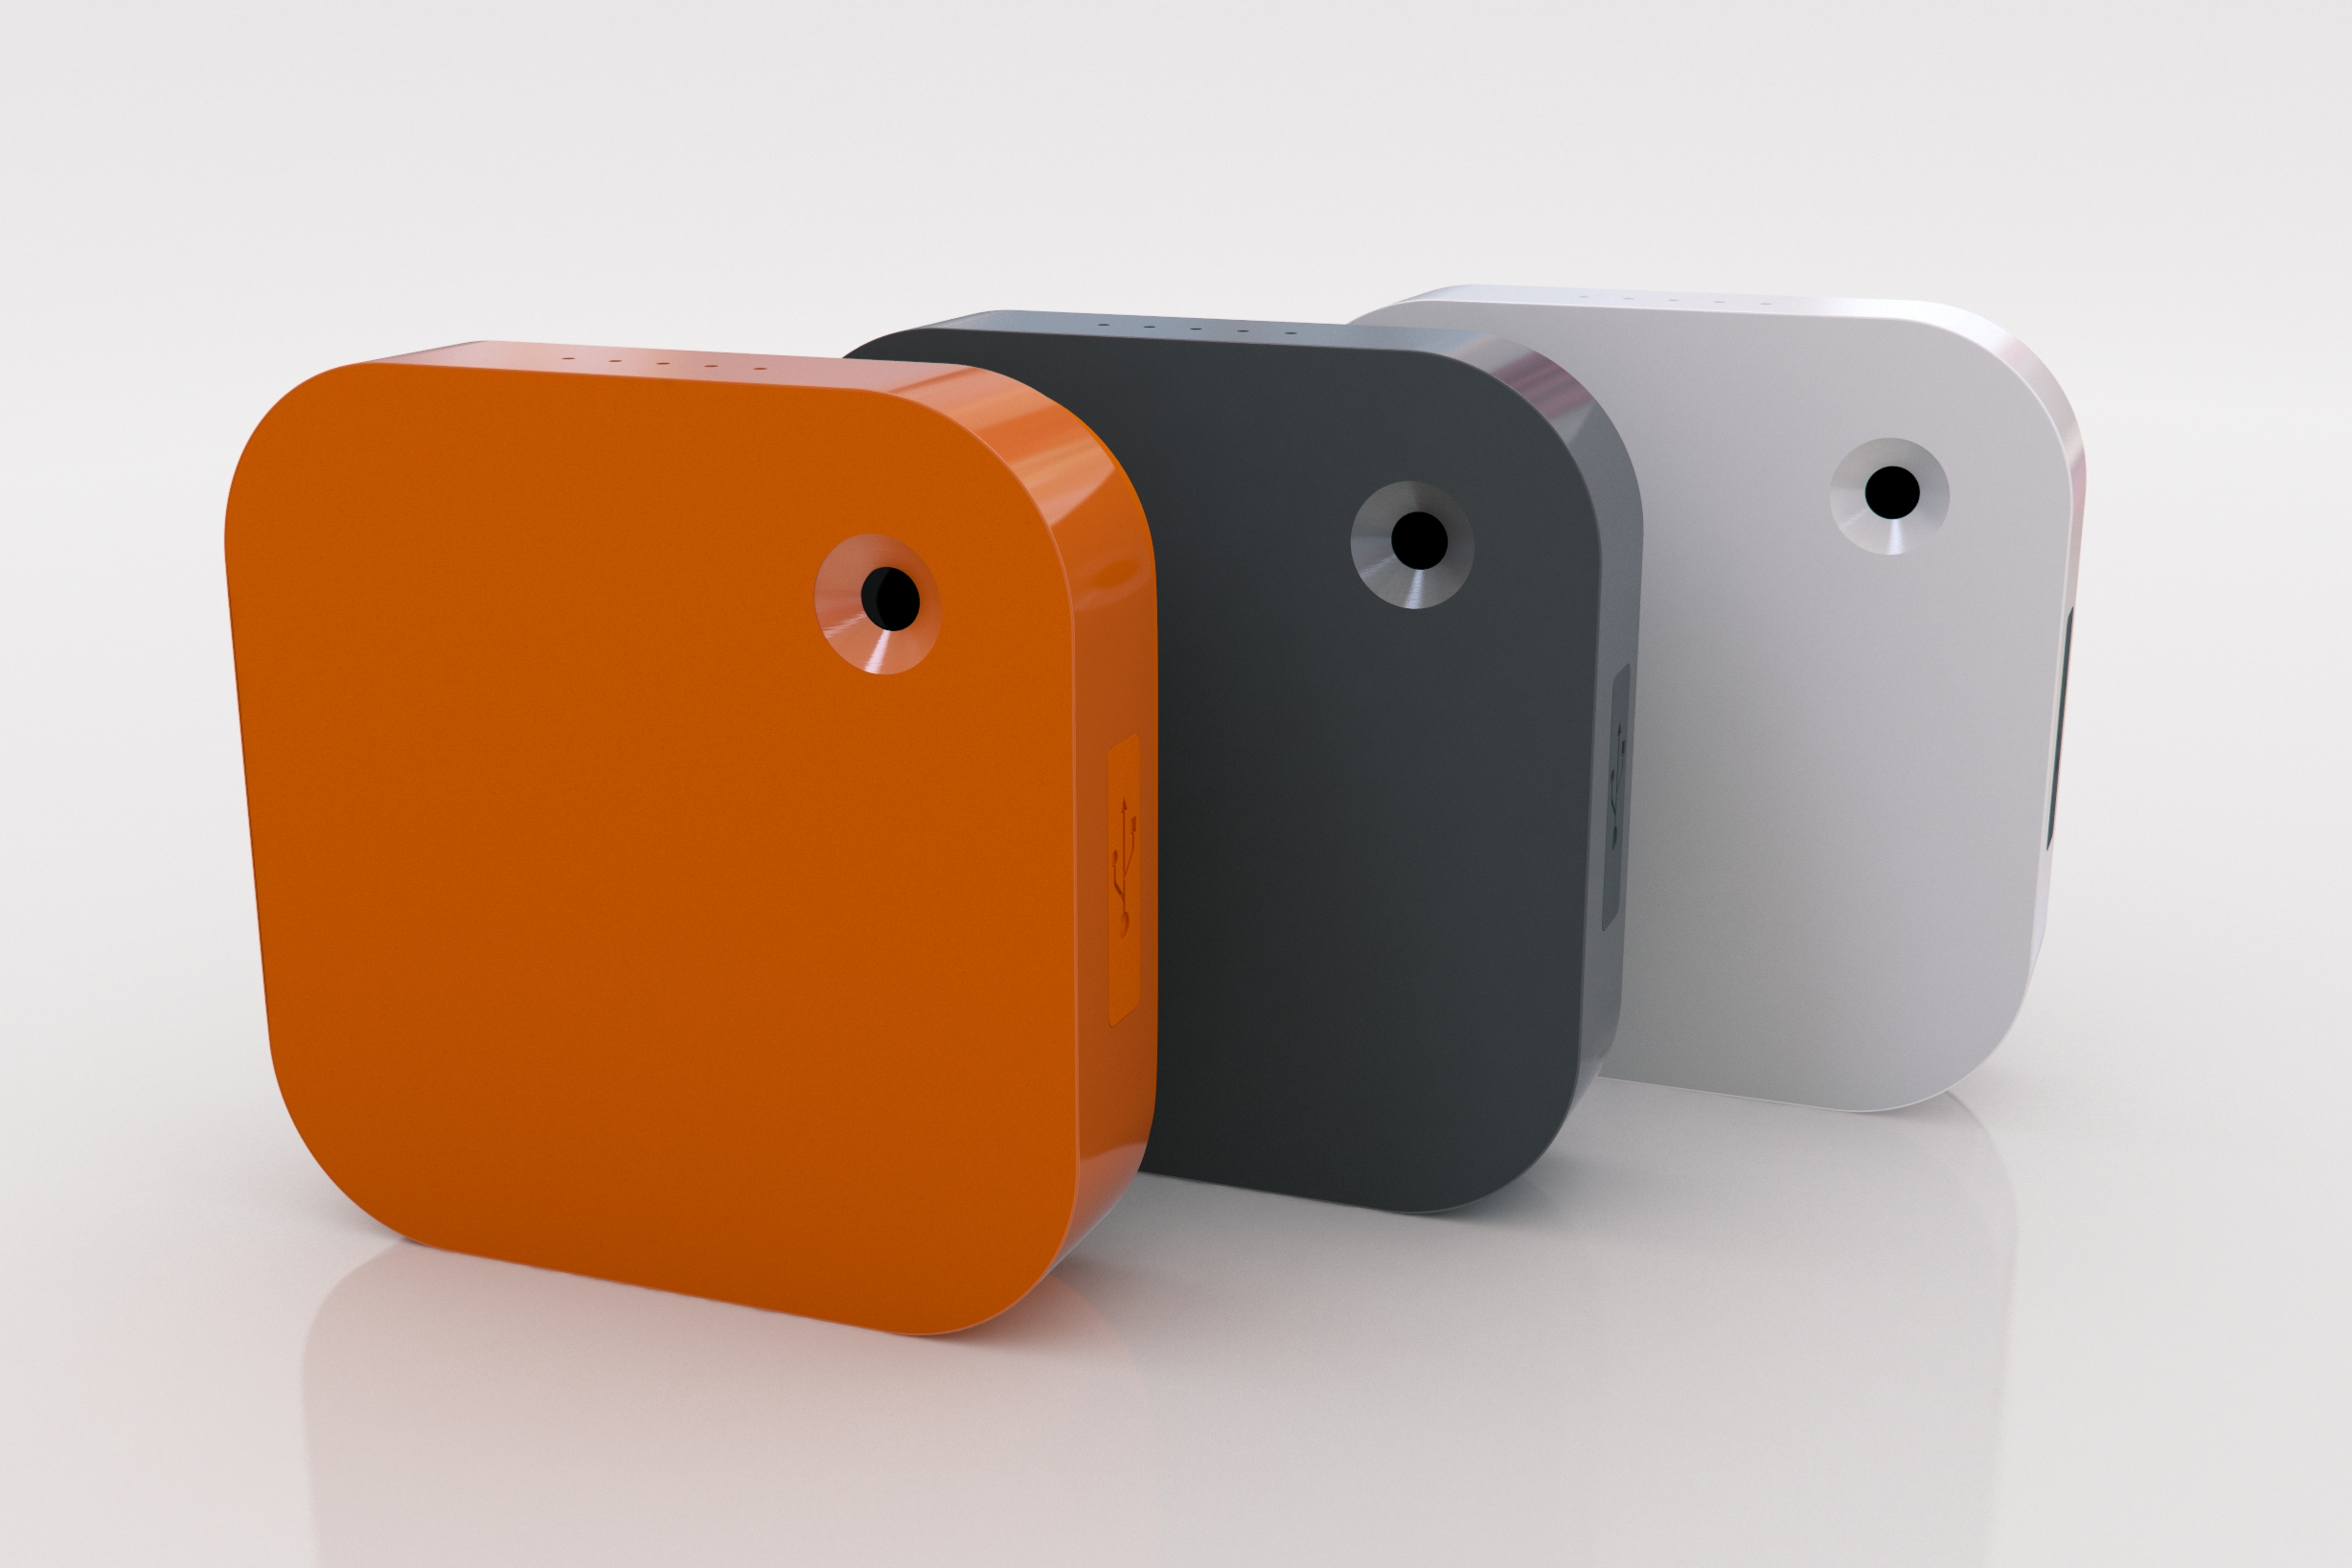 Memoto devices